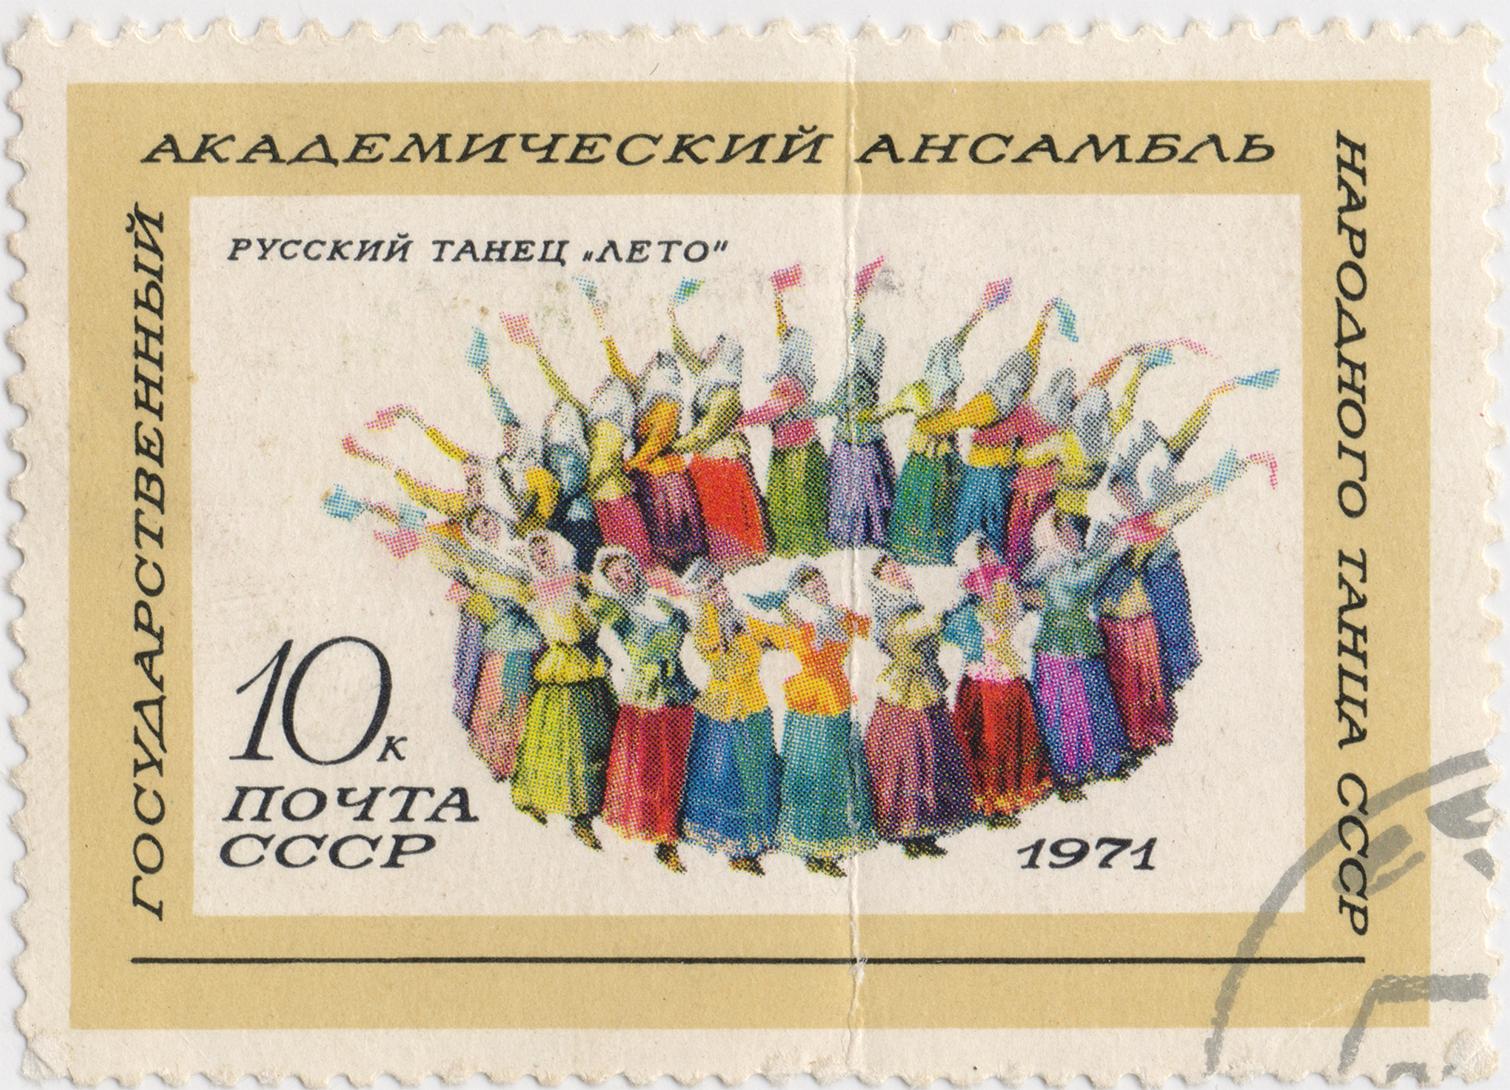 Академический ансамбль народного танца СССР (1971г) — русский танец Лето